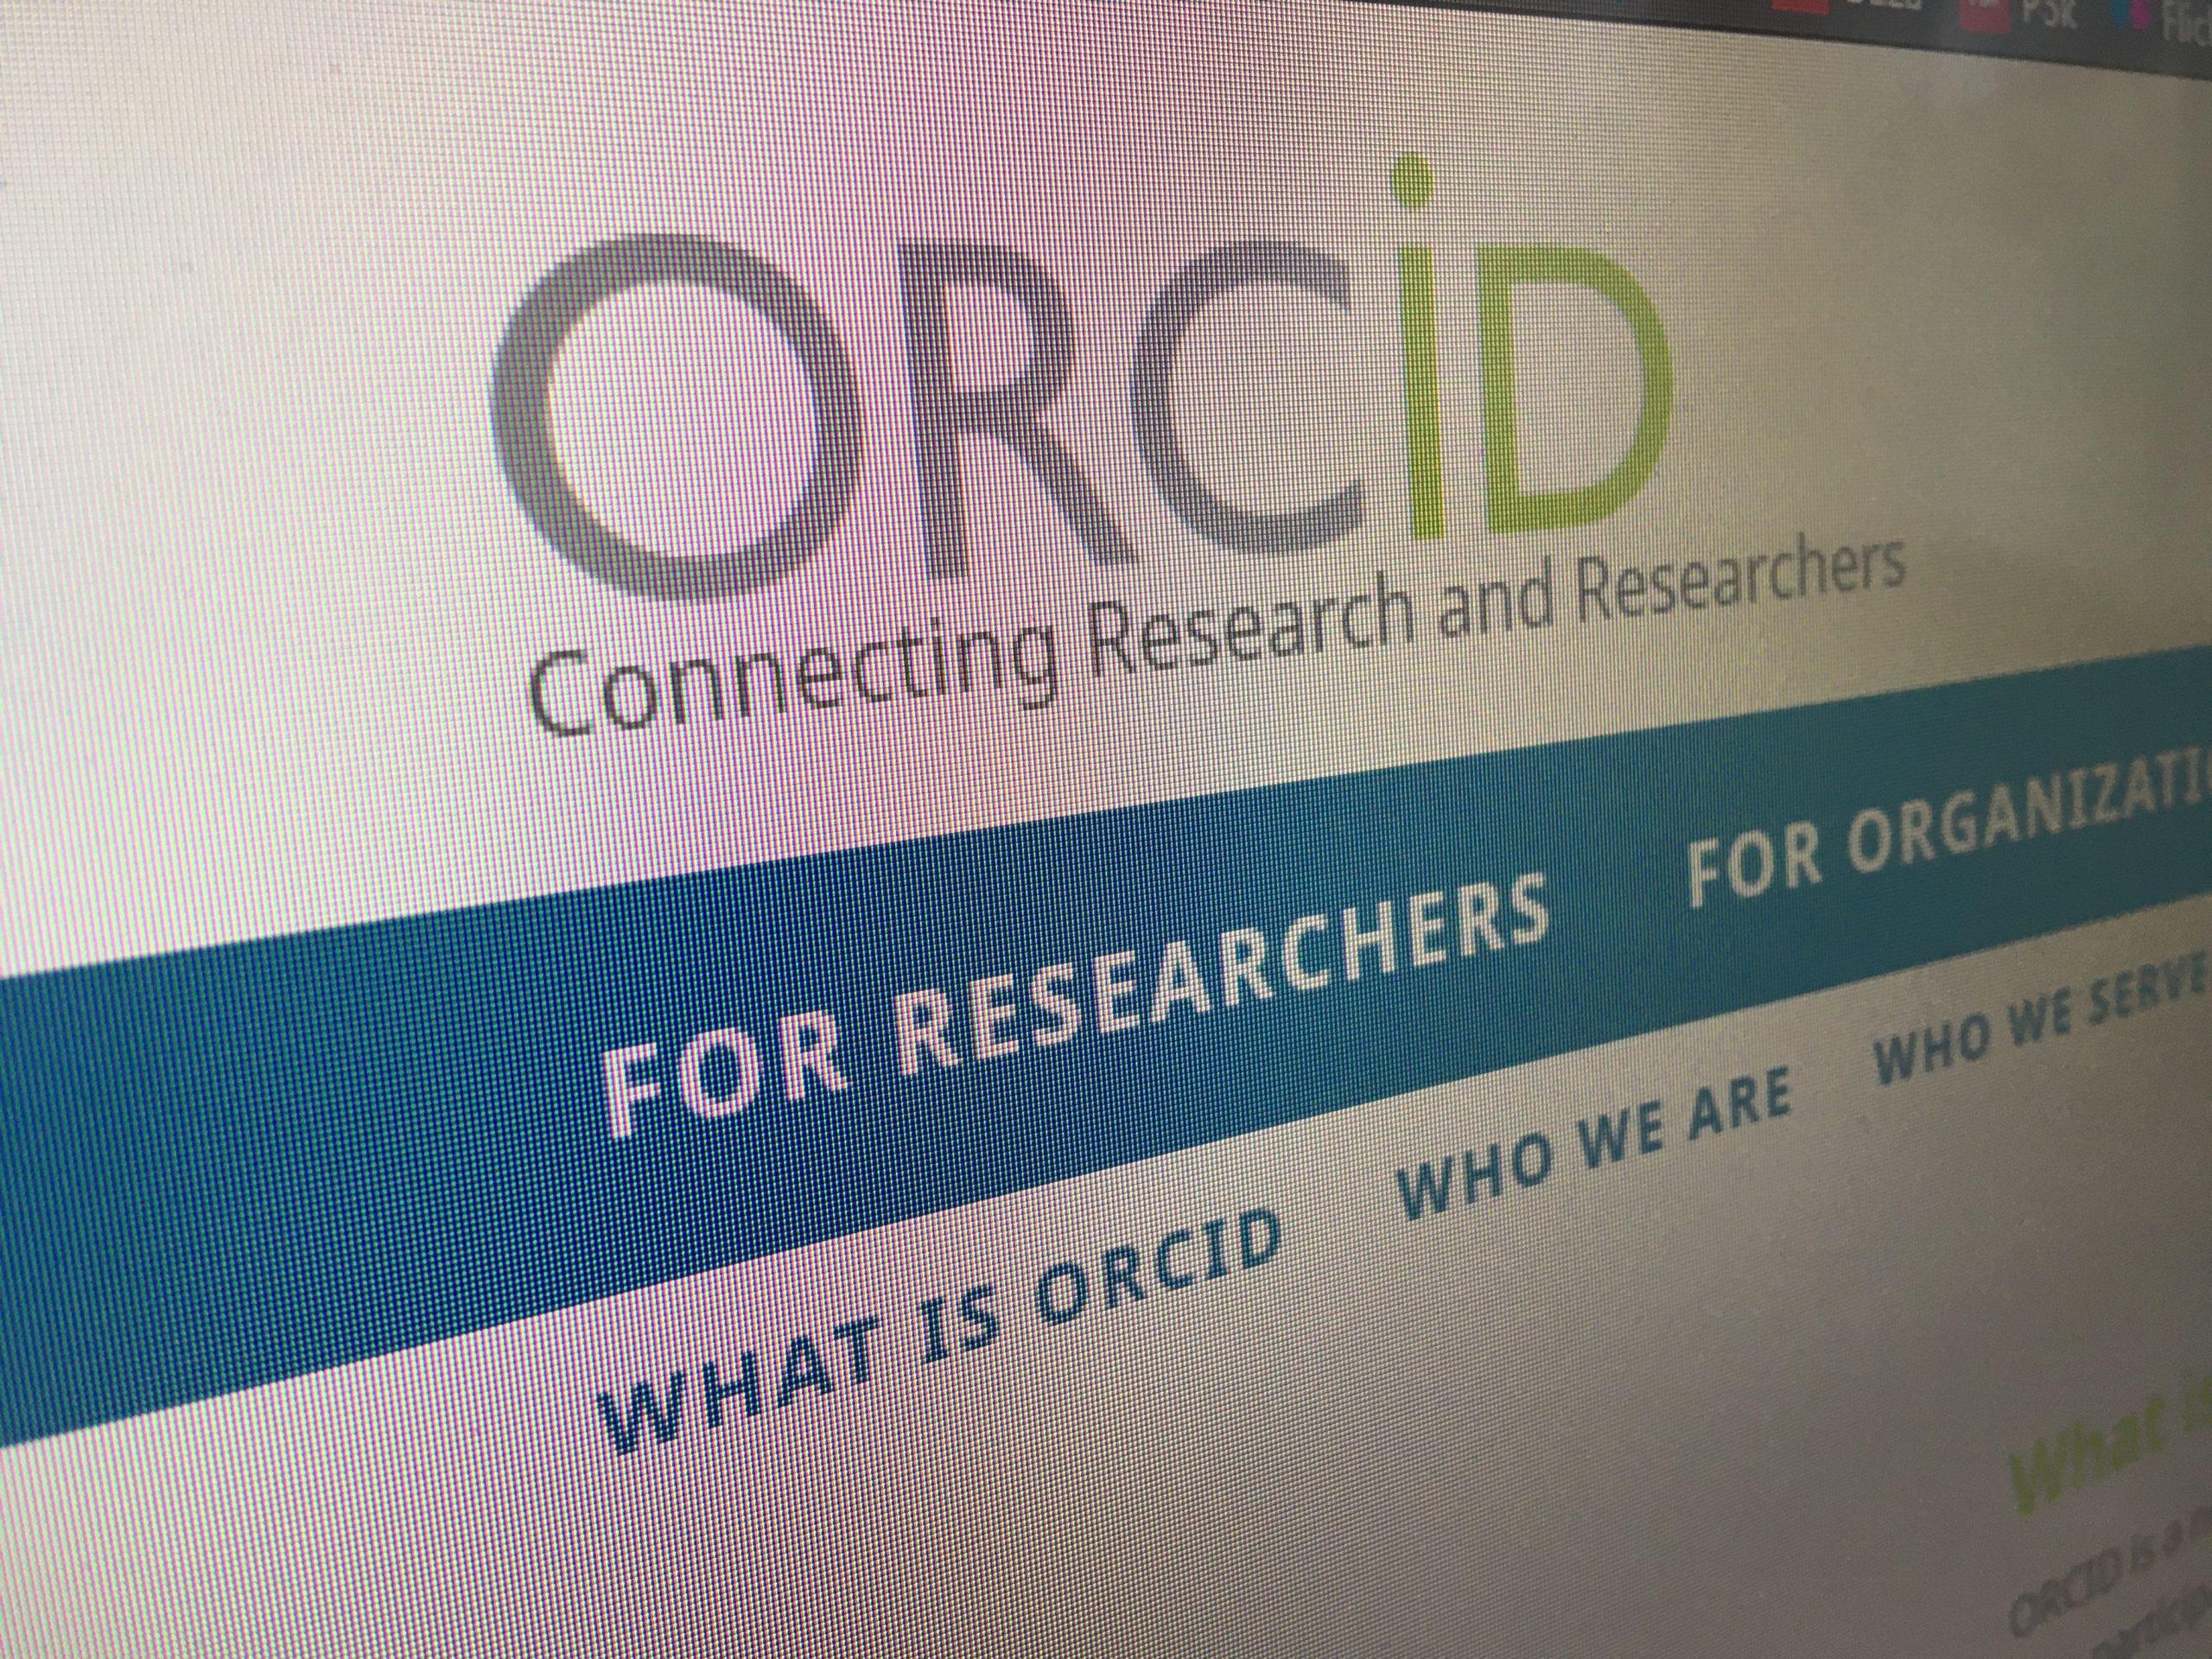 Wytyczne do ustalenia identyfikatora ORCID